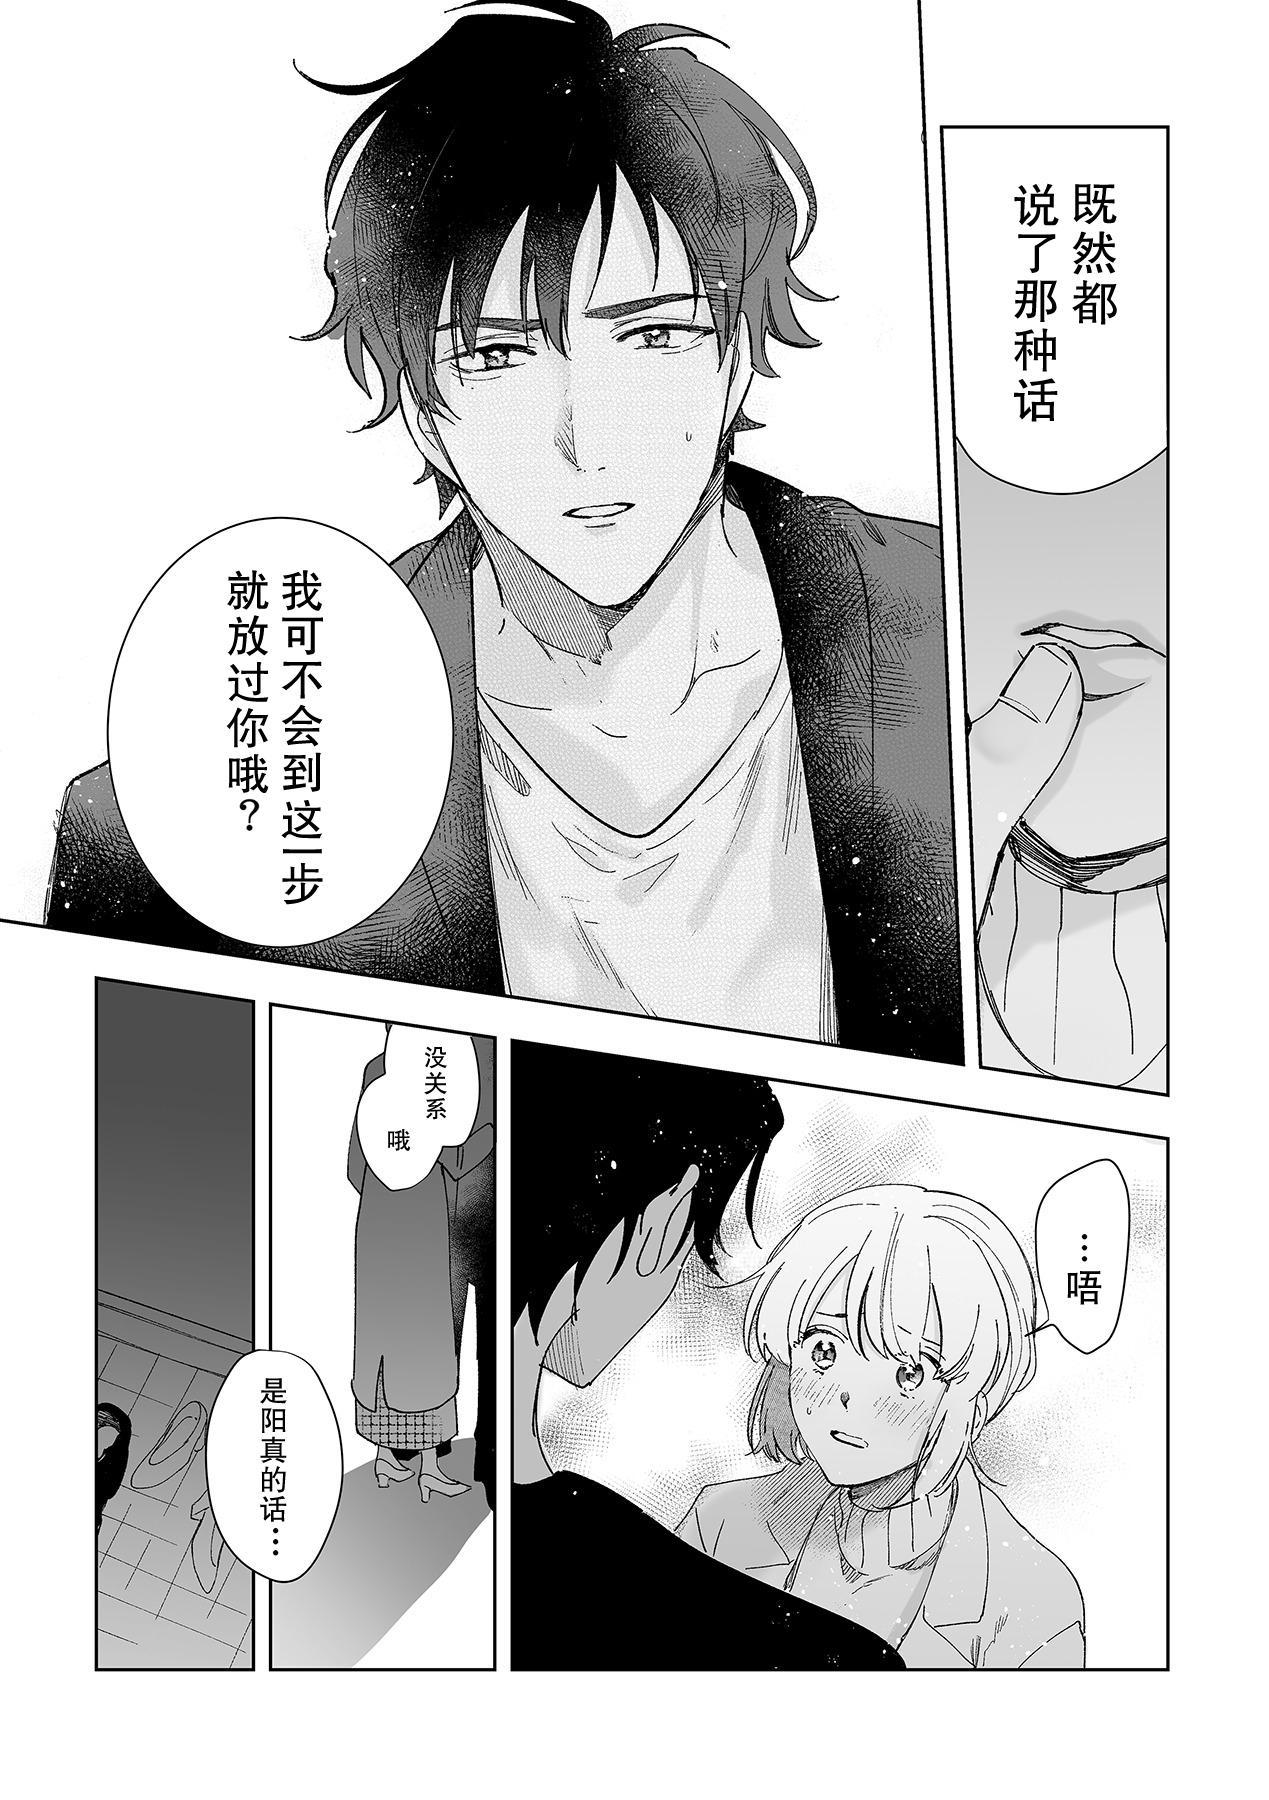 [Ryo] Osananajimi ja tarinai ~ seitai-shi no shigi wa yasashiku zuru i ~   无法满足于青梅竹马的关系~推拿师他的指技又厉害又狡猾~ Ch. 1-2 [Chinese] [莉赛特汉化组] 17